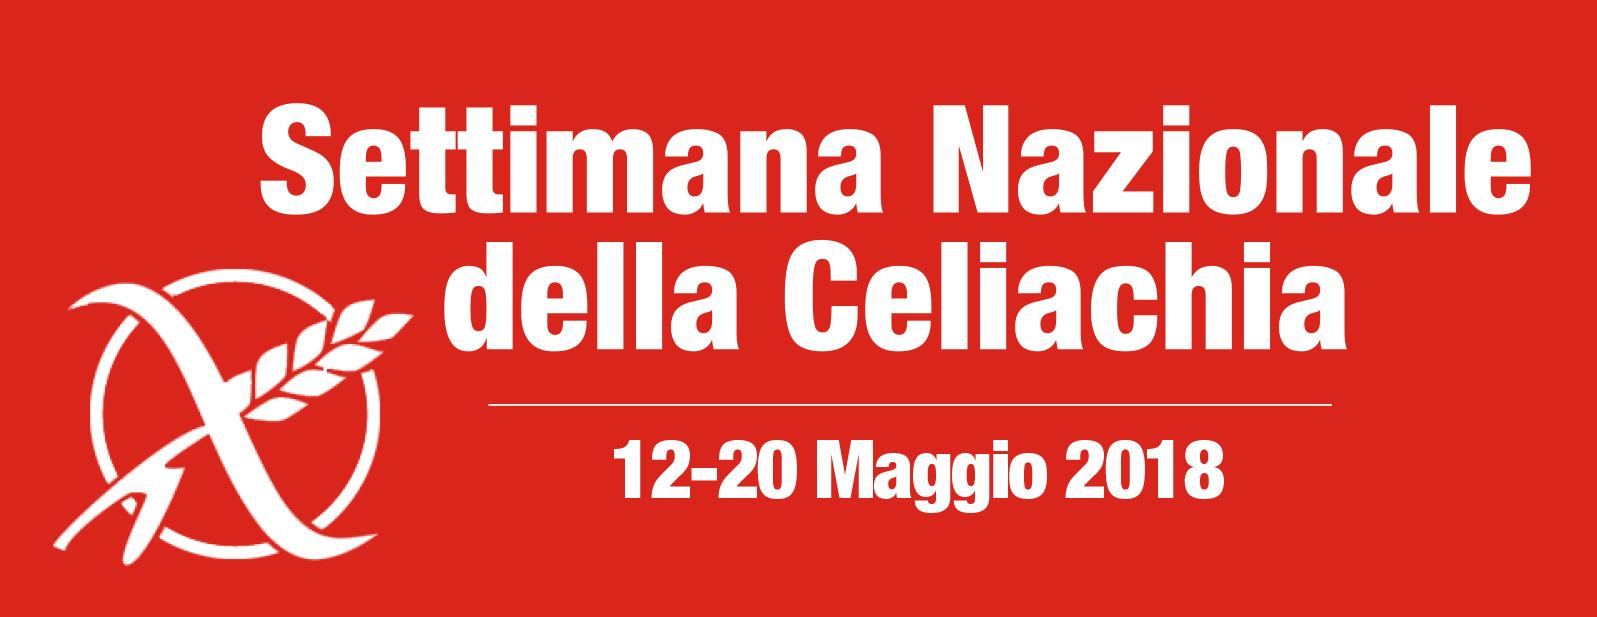 SettimanaCeliachia2018 – Senza glutine per tutti nelle Mense Scolastiche del Comune di Asti il 17 maggio